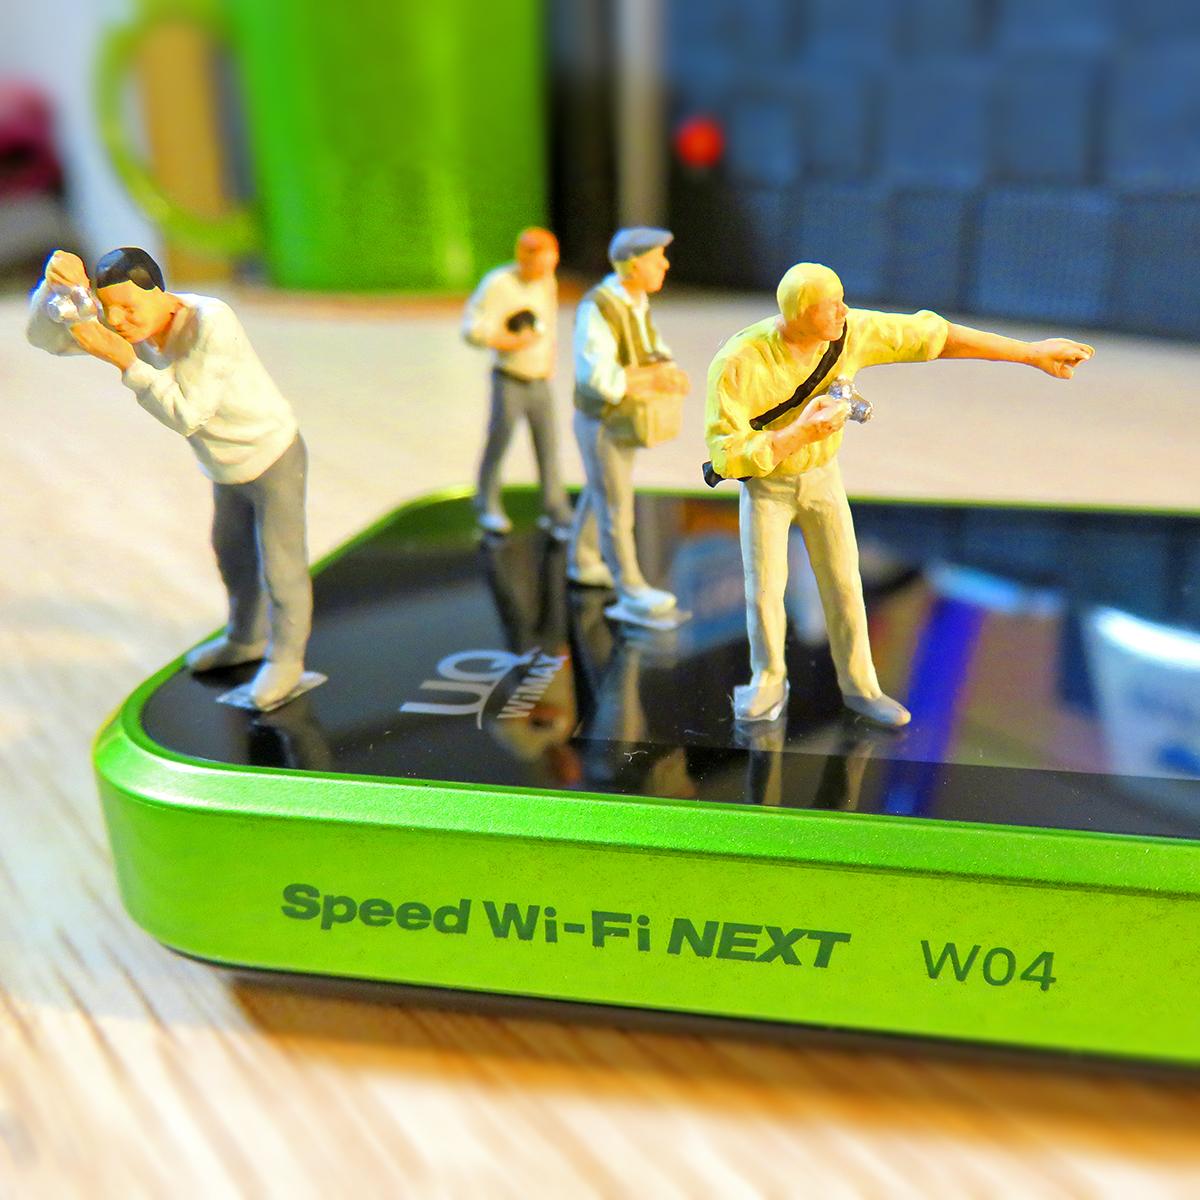 メイプル超合金ネタ!見えない速度で飛んでる未確認生物Wi-Fiを探すオカルト好きなカメラマン達